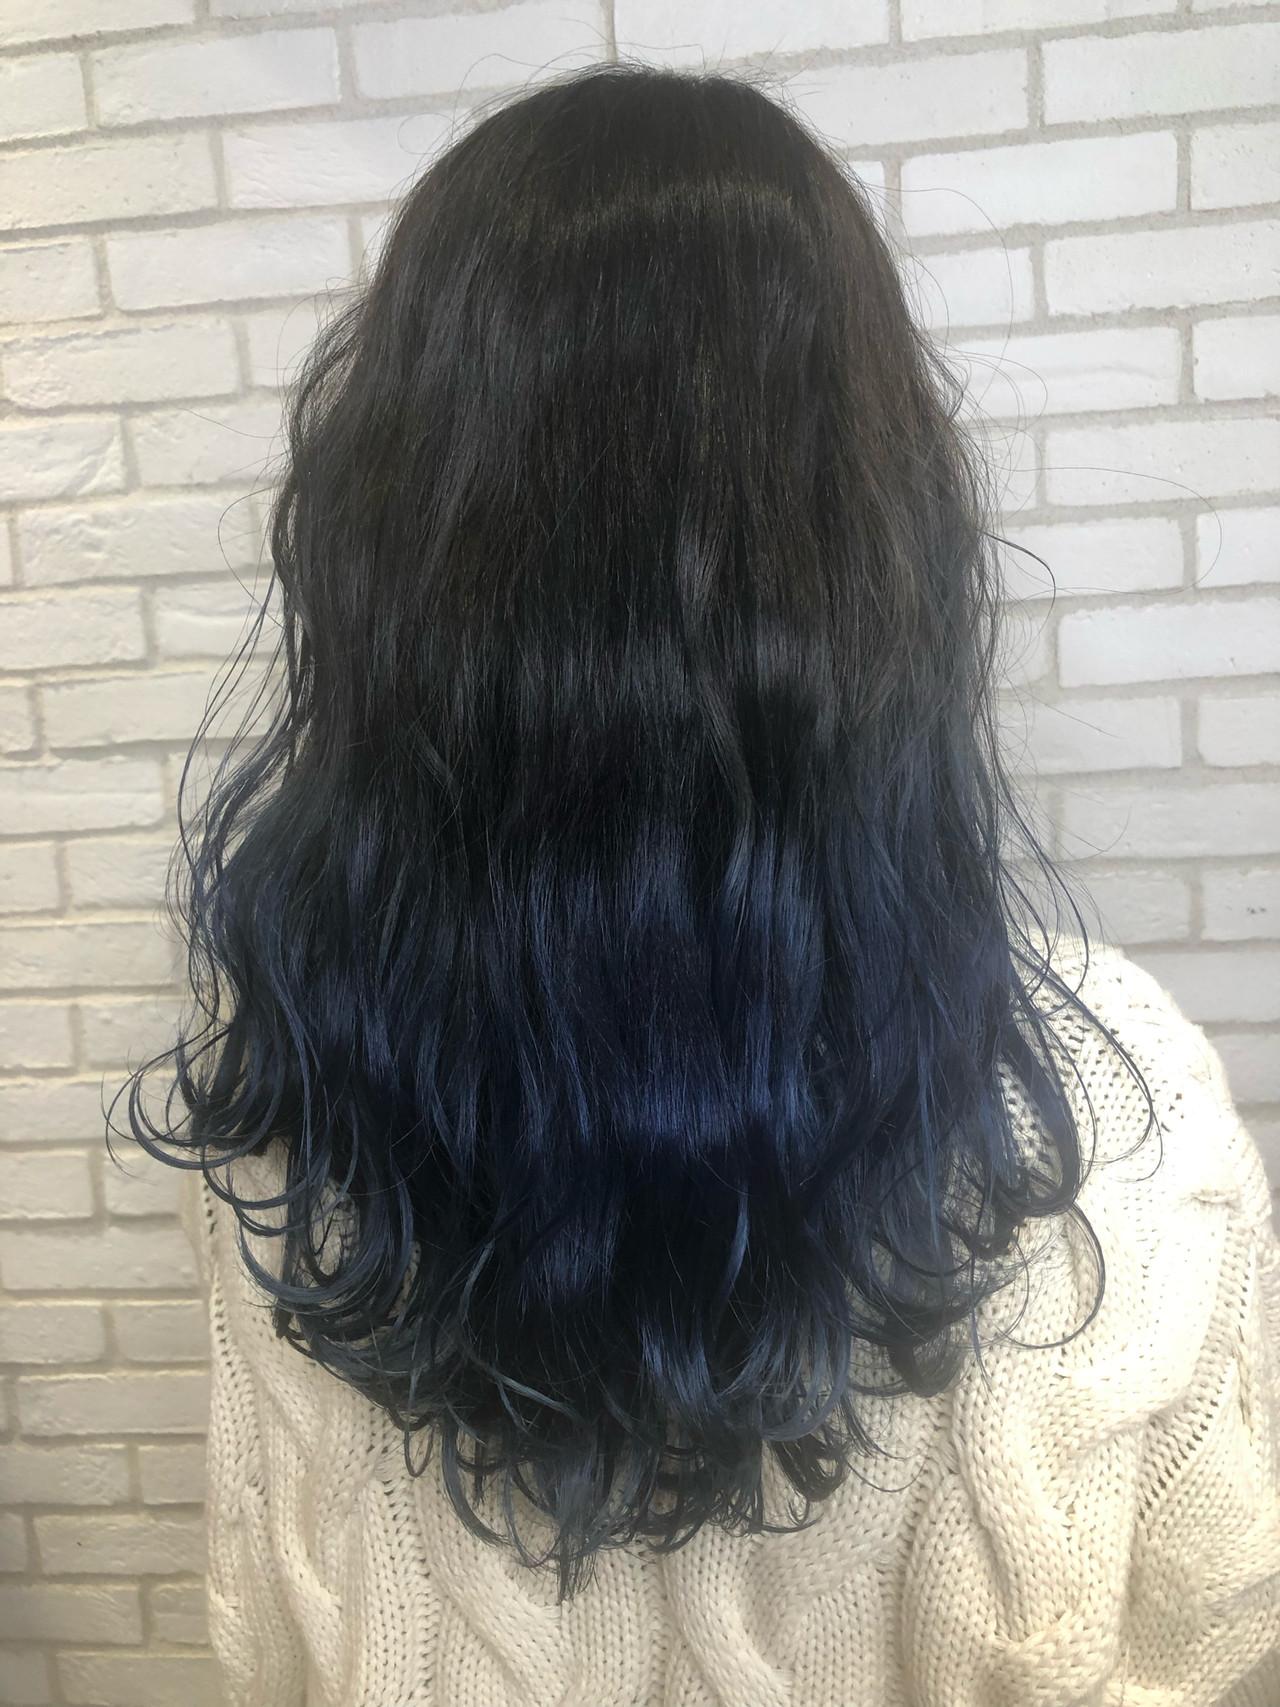 ロング ブルー モード ハイライト ヘアスタイルや髪型の写真・画像